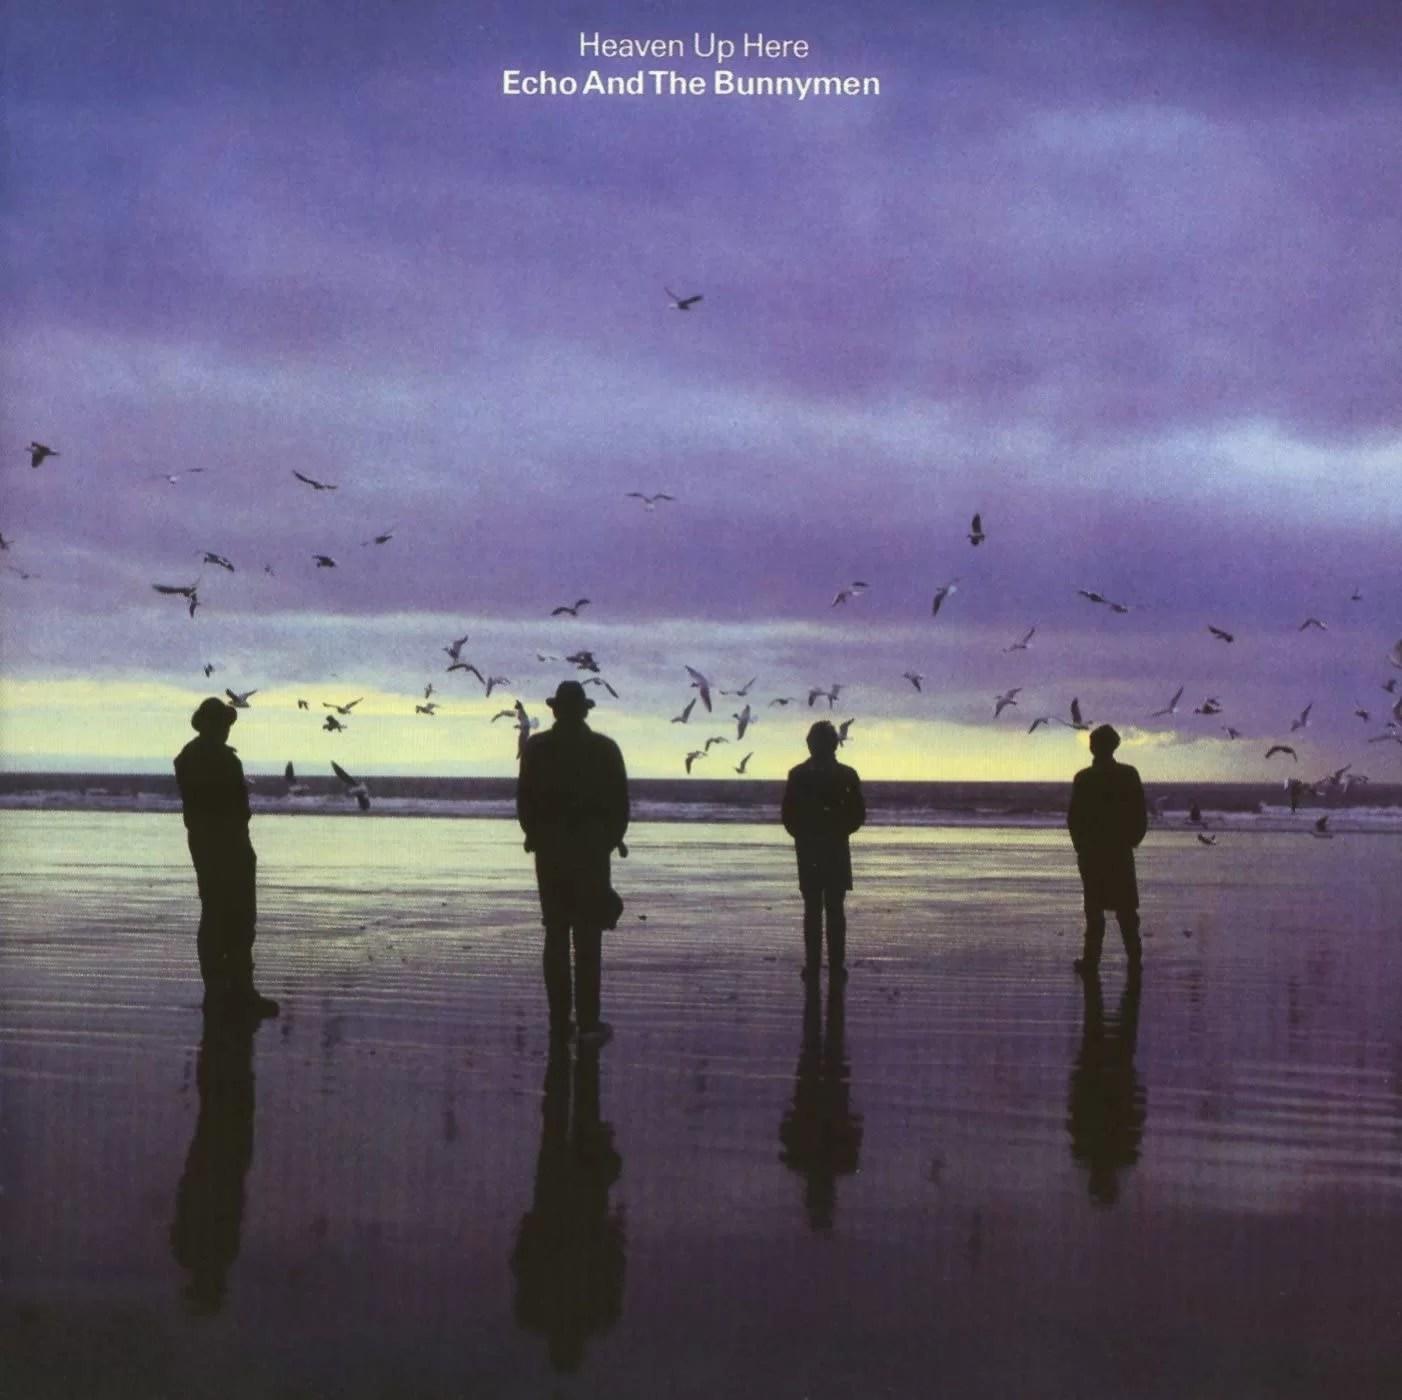 Ian McCulloch, gli Echo And The Bunnymen e la copertina di Heaven Up Here